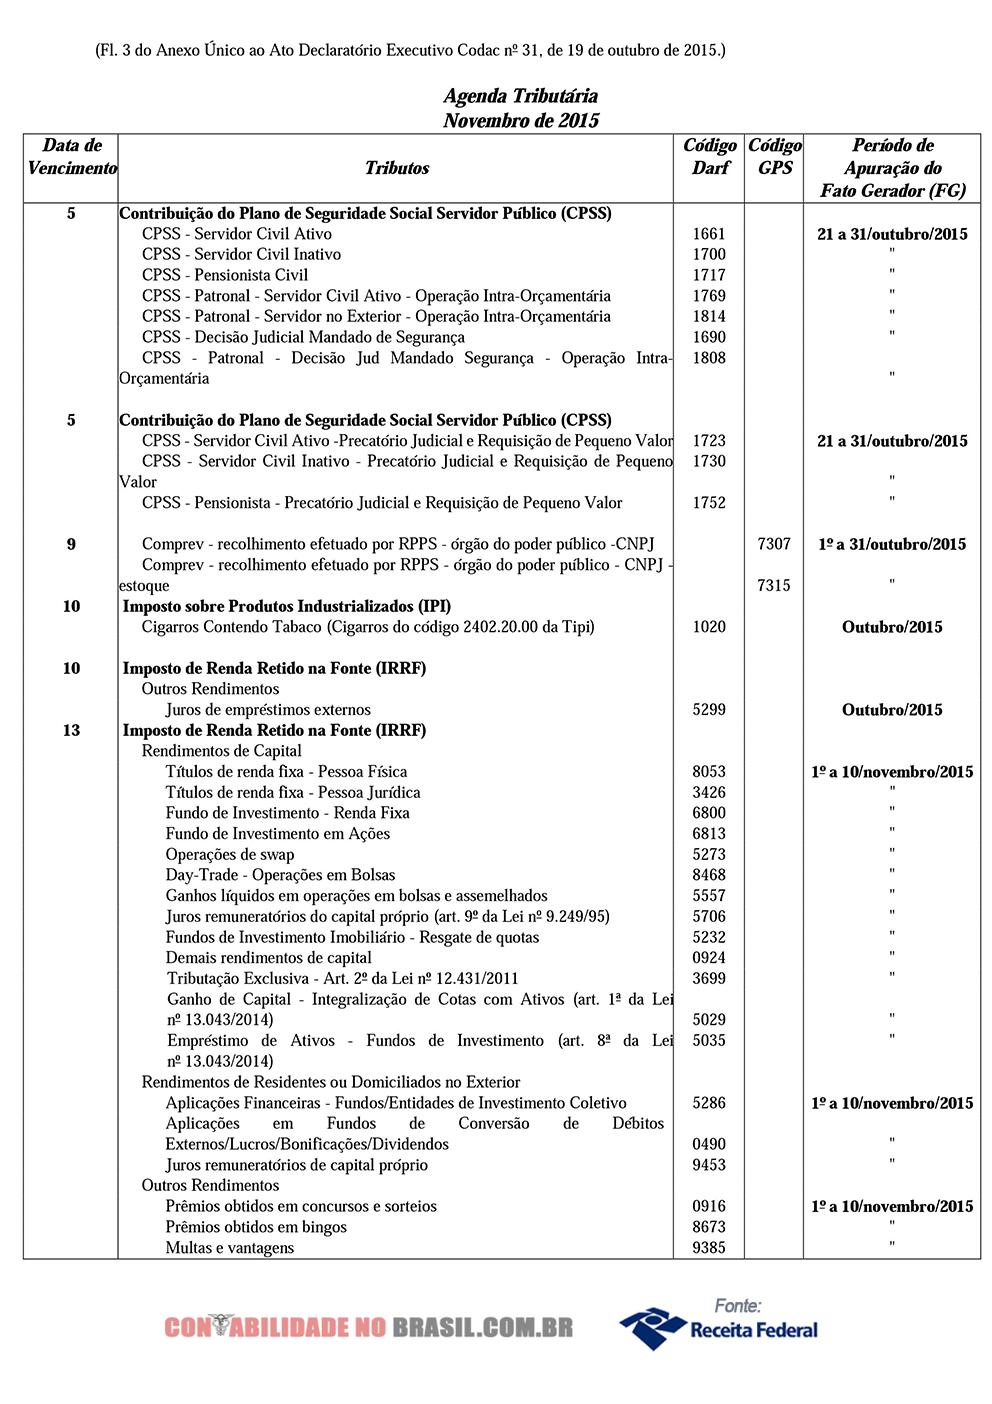 agenda tributaria novembro de 2015 03